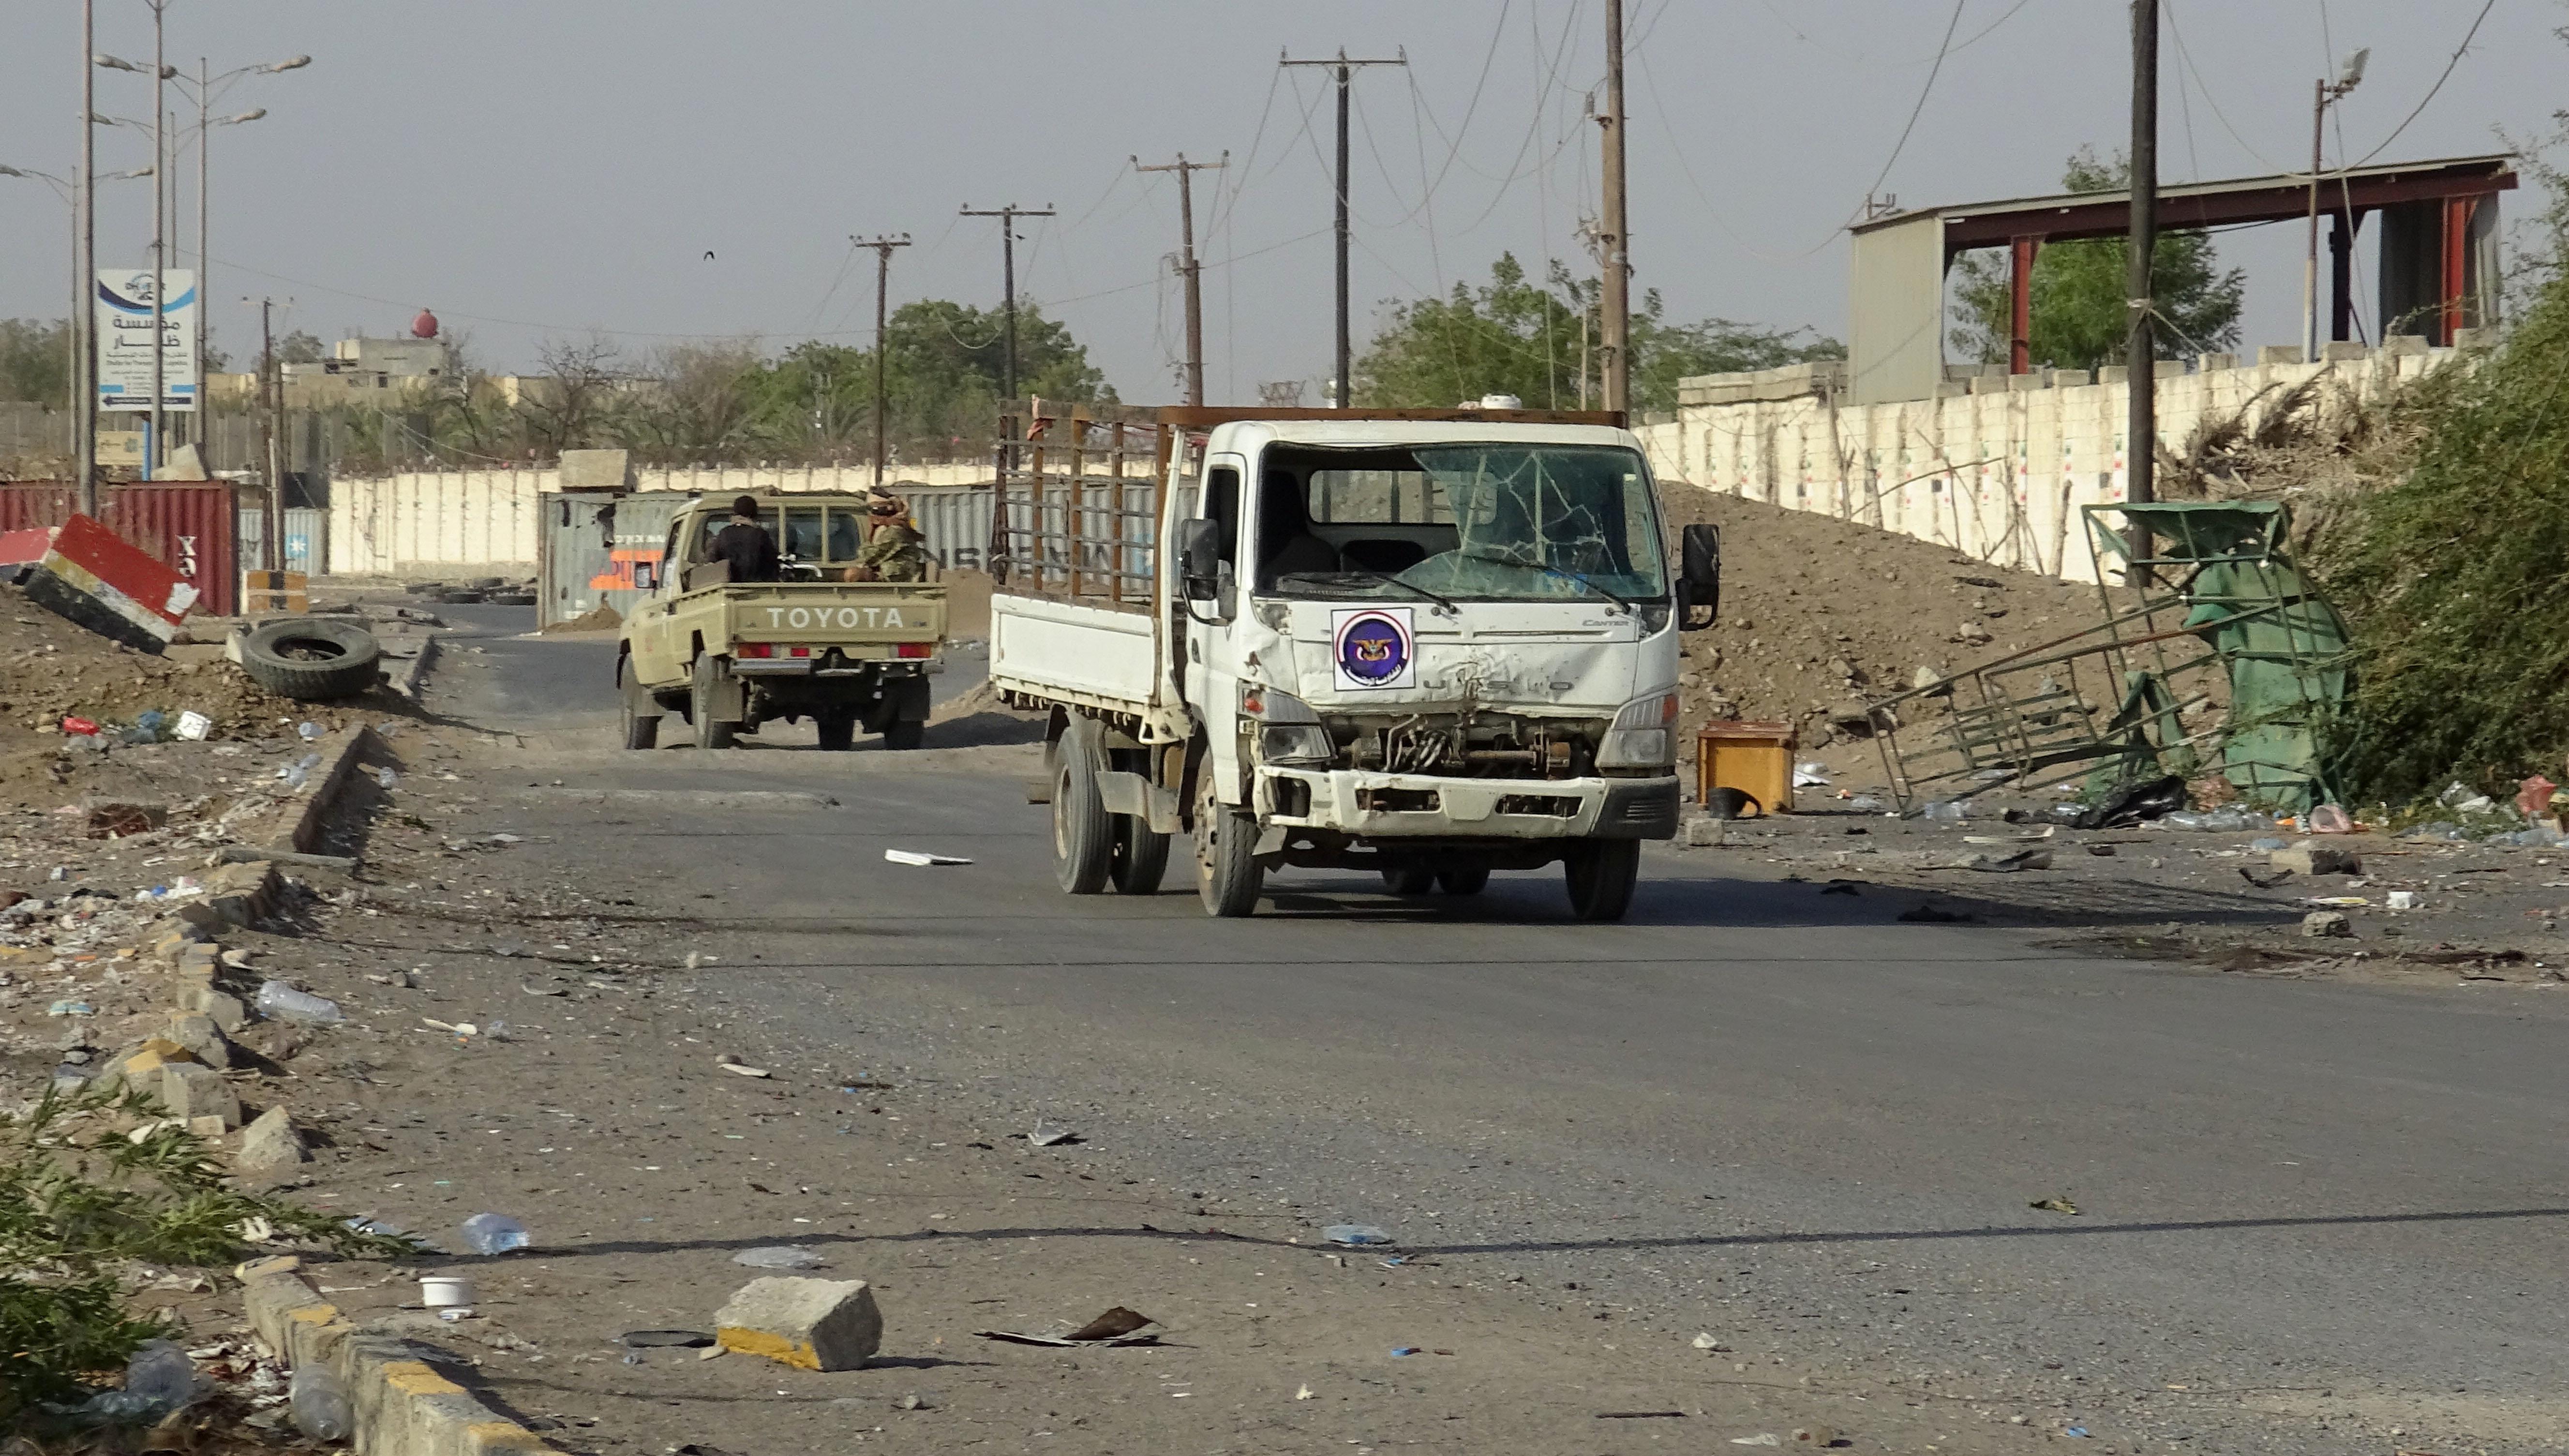 Yémen: les armes parlent toujours à Hodeida malgré la